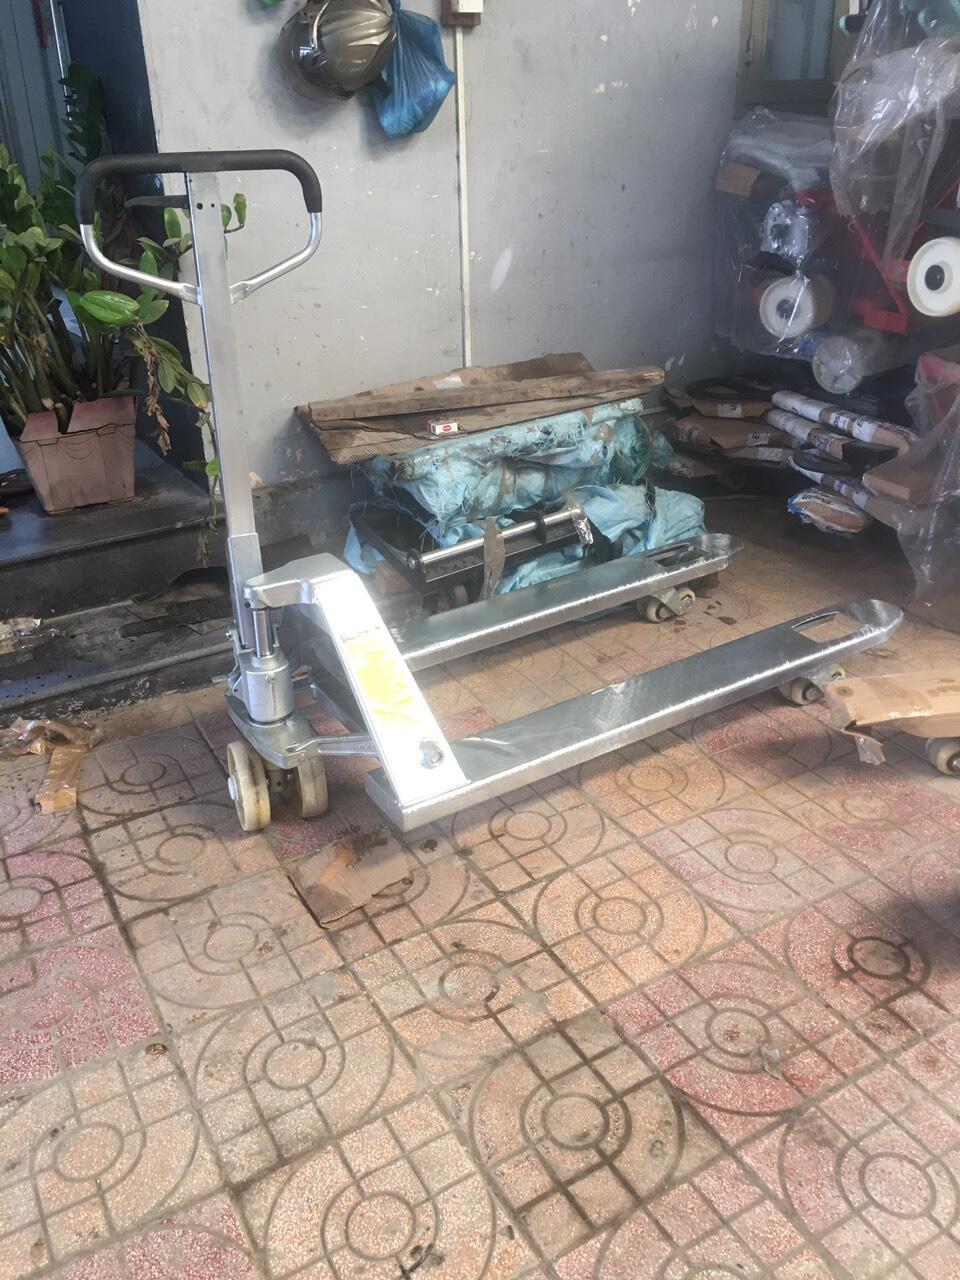 nâng tay thấp mại kẽm, xe nâng dùng trong kho lạnh , nâng di chuyển hàng kho lạnh